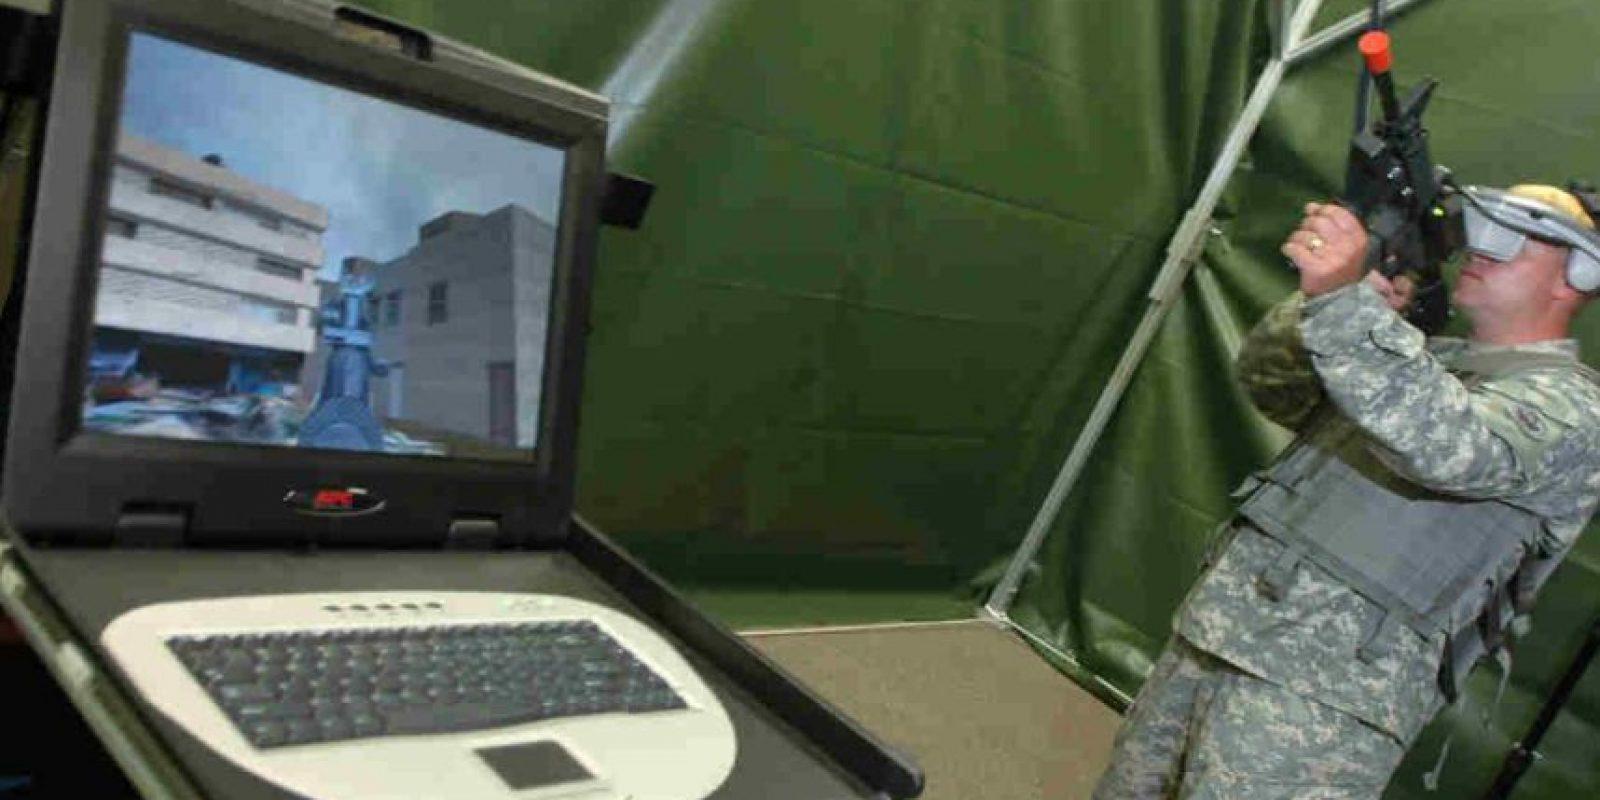 La RV permite sintetizar un mundo tridimensional interactivo y ficticio. Foto:Getty Images